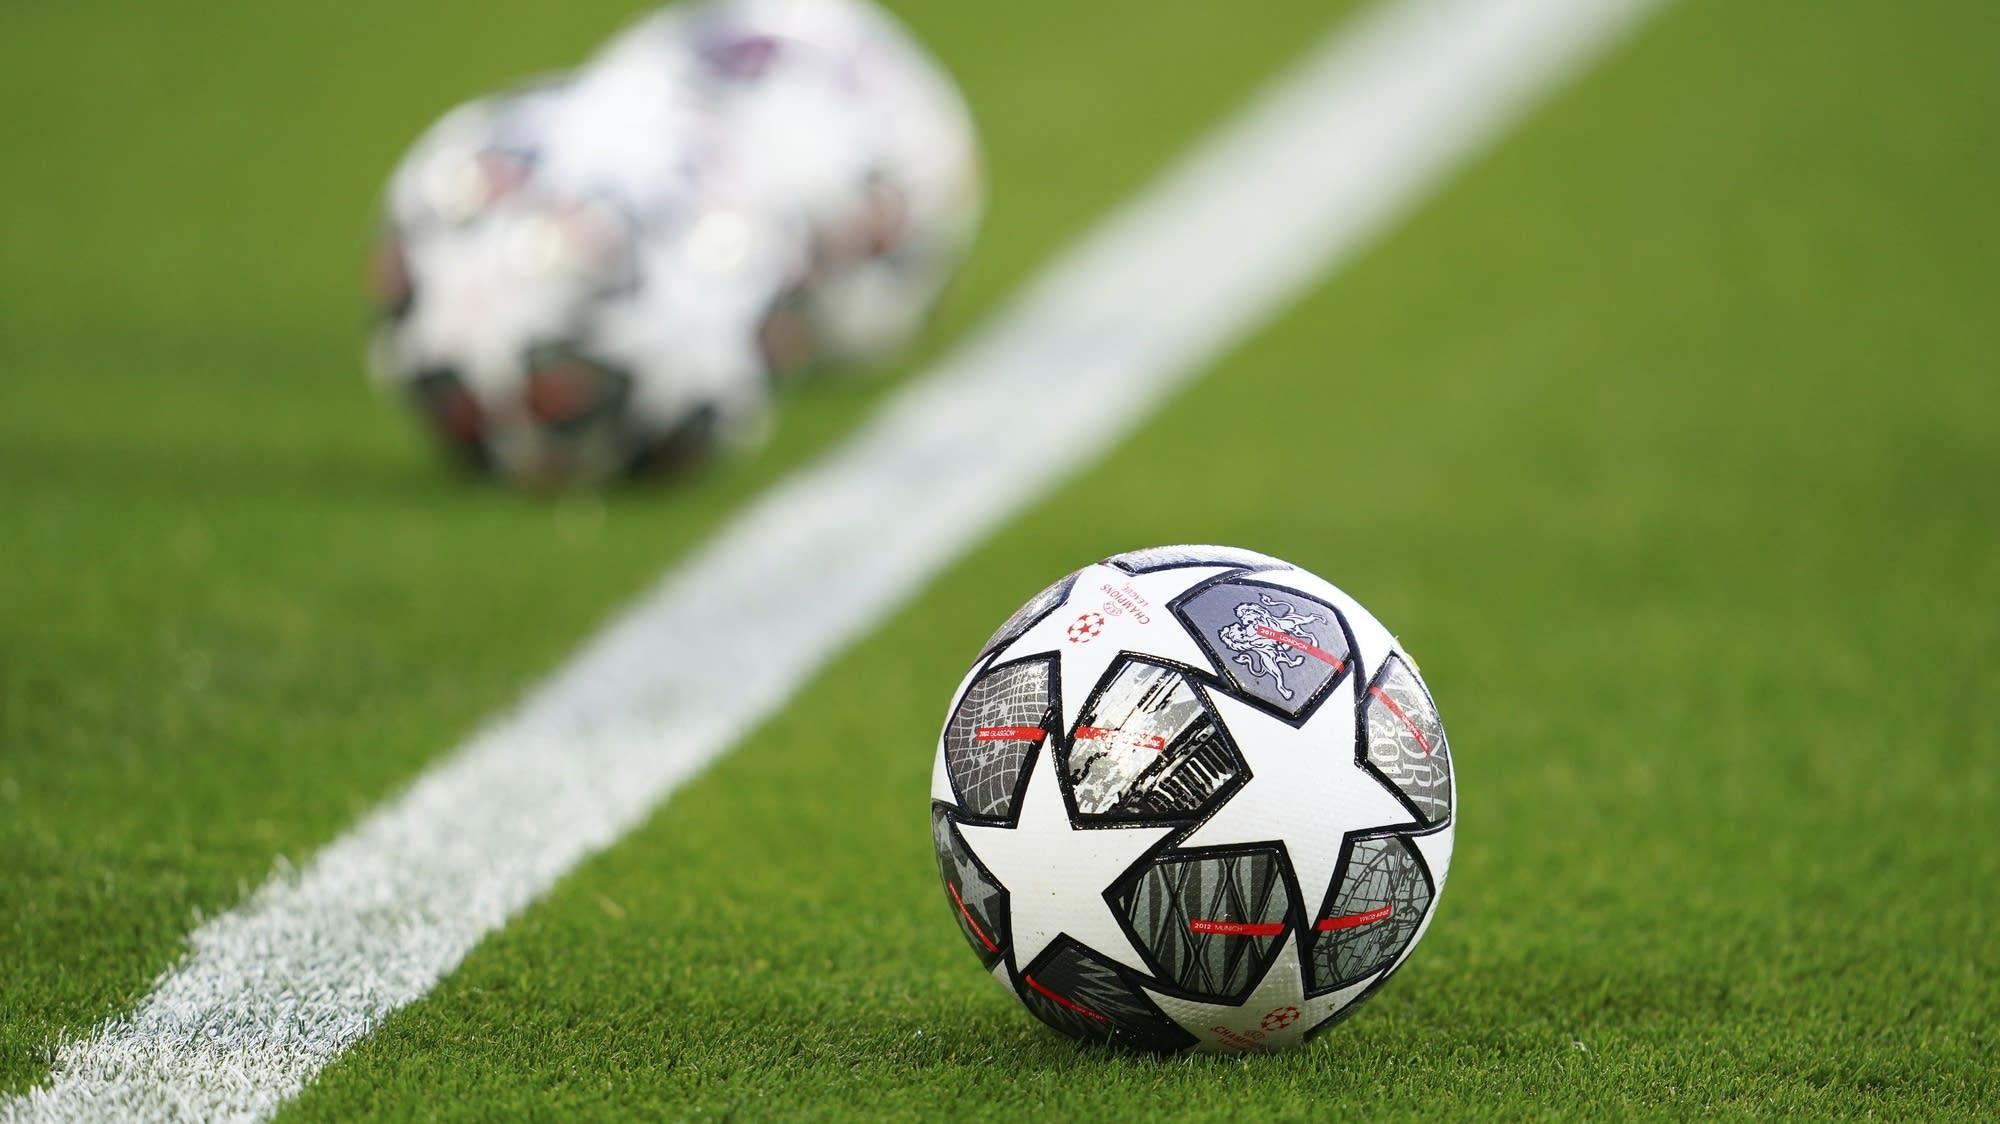 European soccer split as 12 clubs launch breakaway league | MPR News